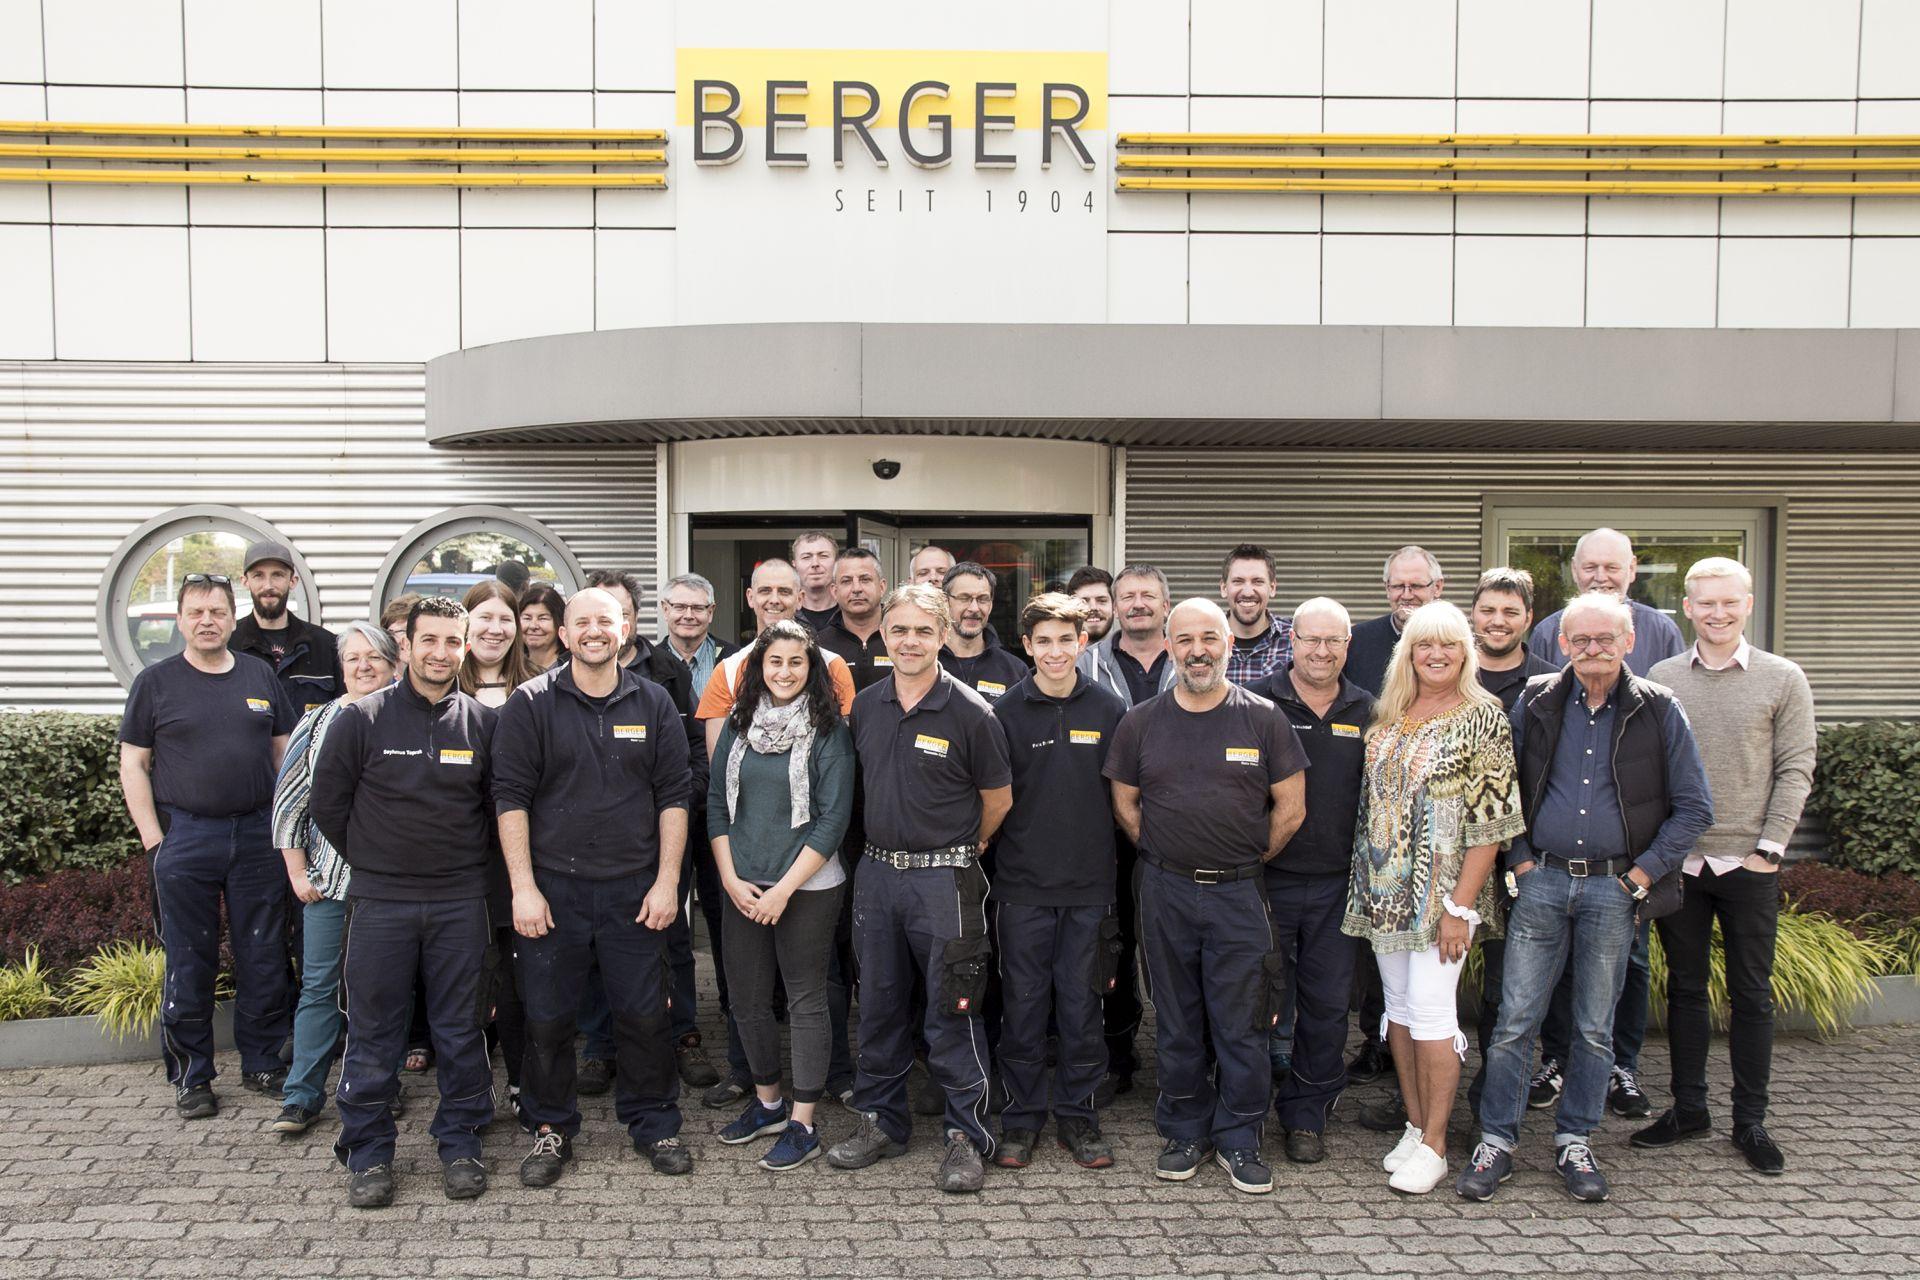 Weihnachtsgrüße Team.Sonstiges Weihnachtsgrüße Der Firma Berger Berger Glas Licht